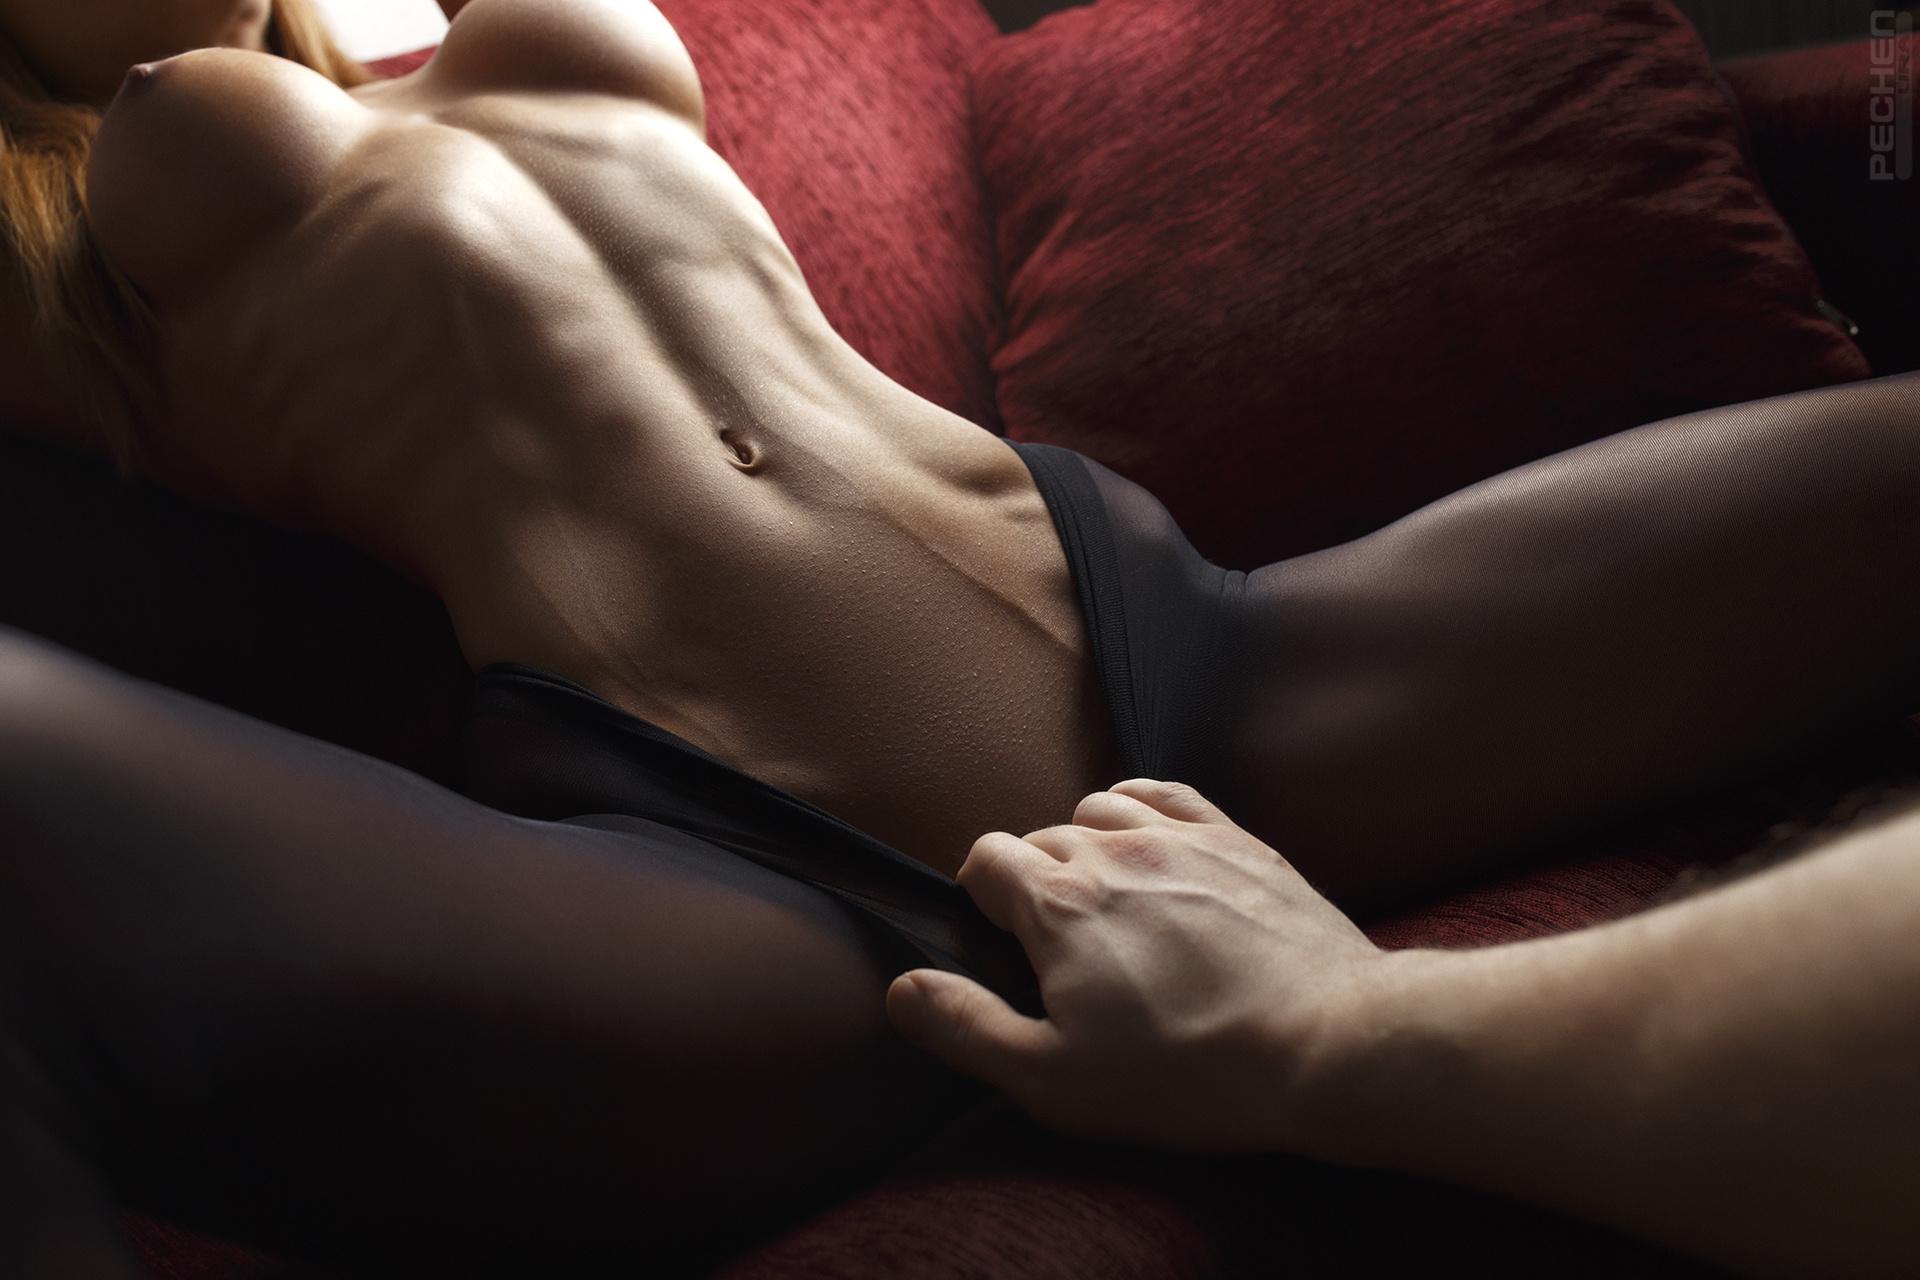 Черные сиськи животик красивый ххх